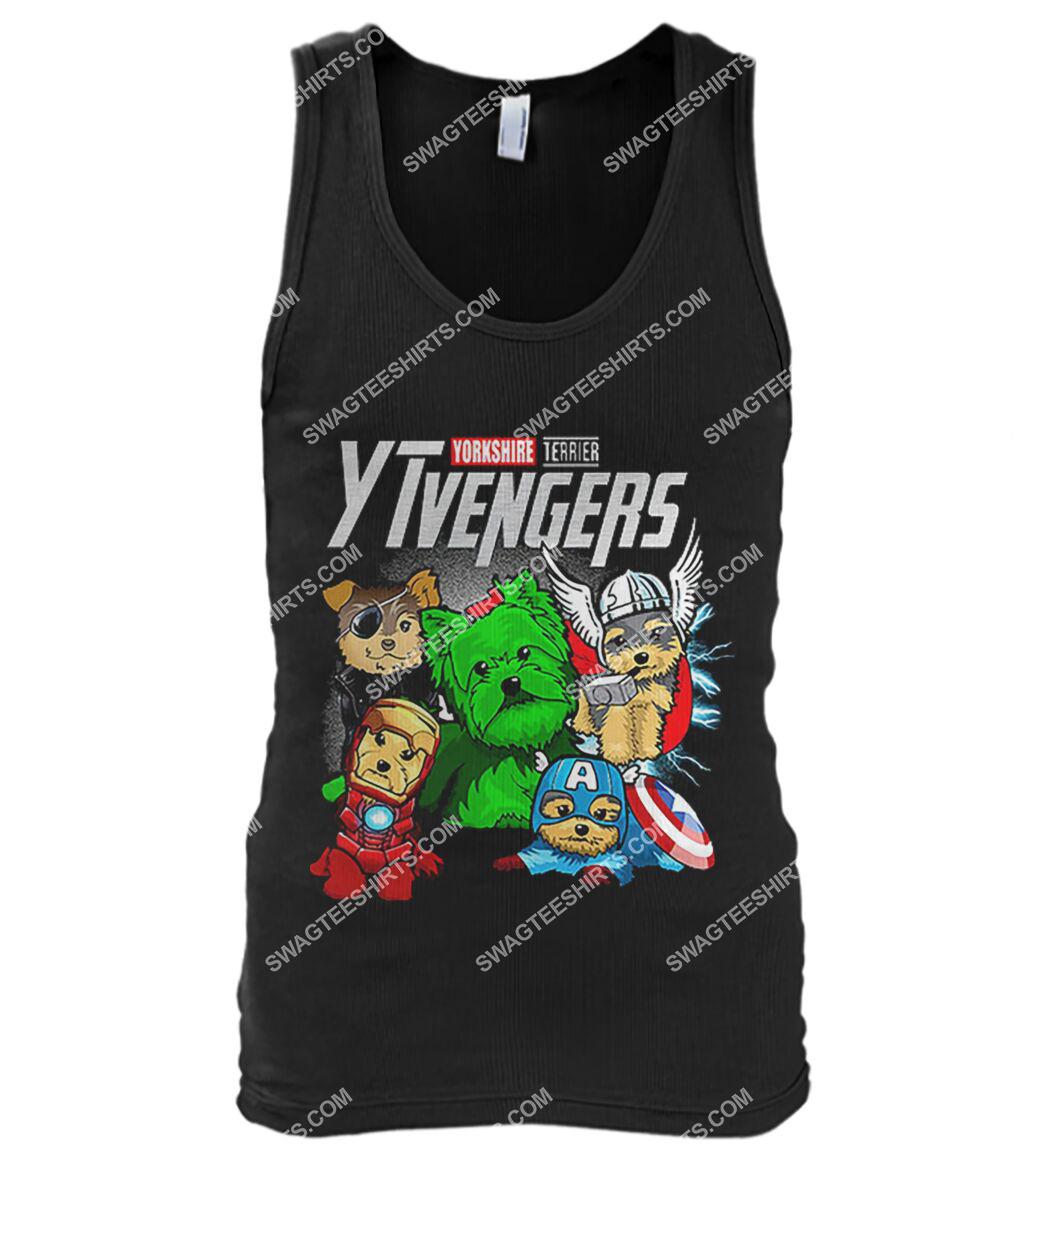 yorkshire terrier ytvengers marvel avengers dogs lover tank top 1